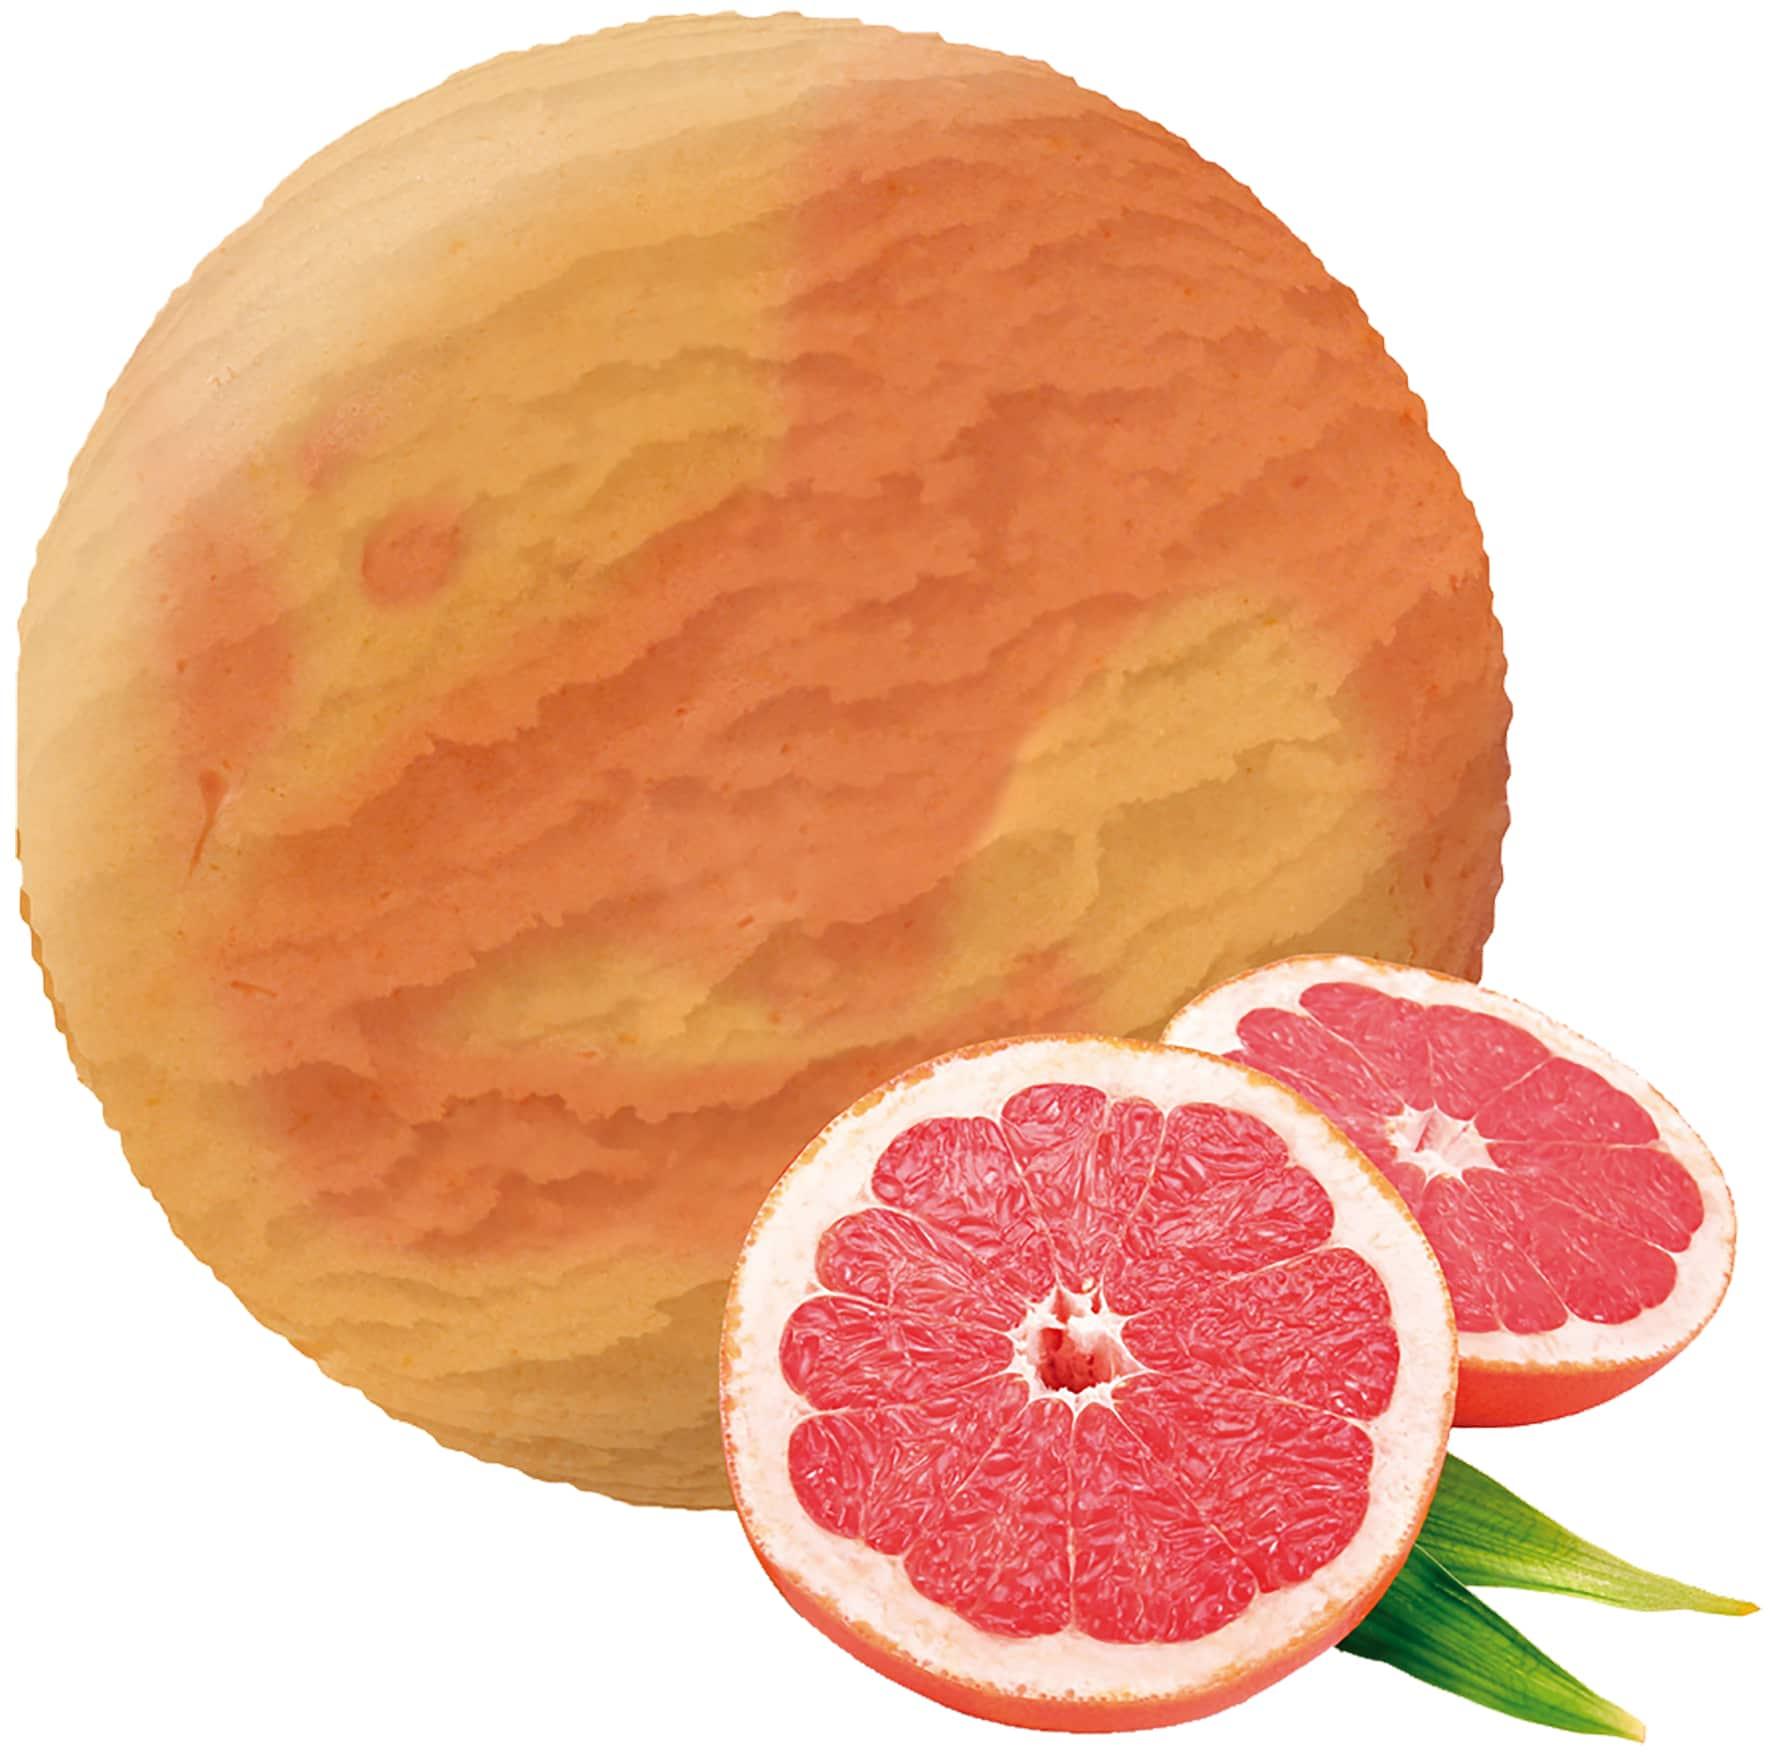 40250046-1_sorbetijs_bloedsinaasappel